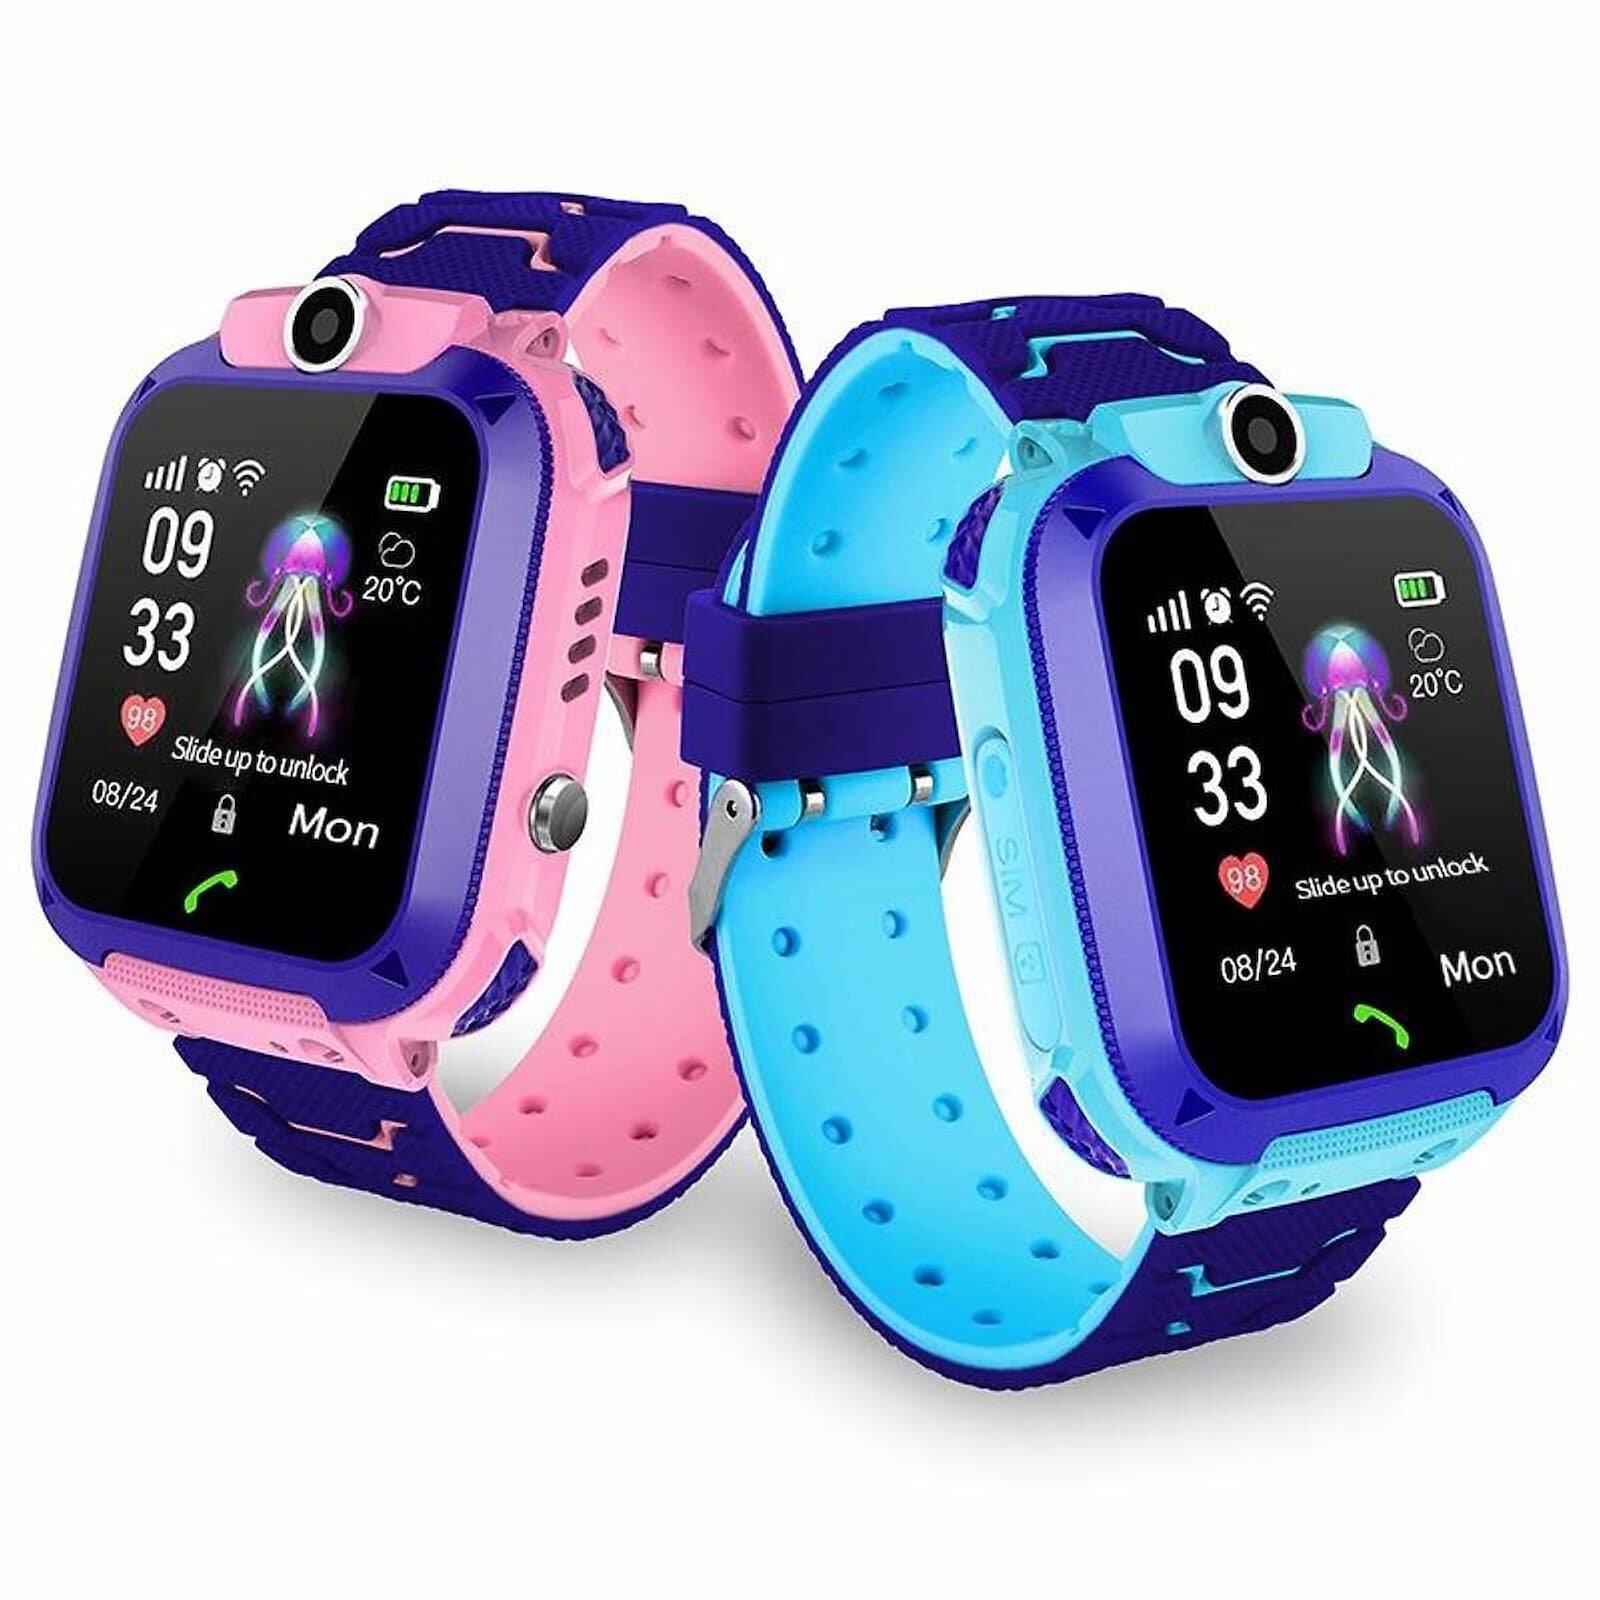 Đồng hồ trẻ em giá rẻ chống nước Prokids DF25